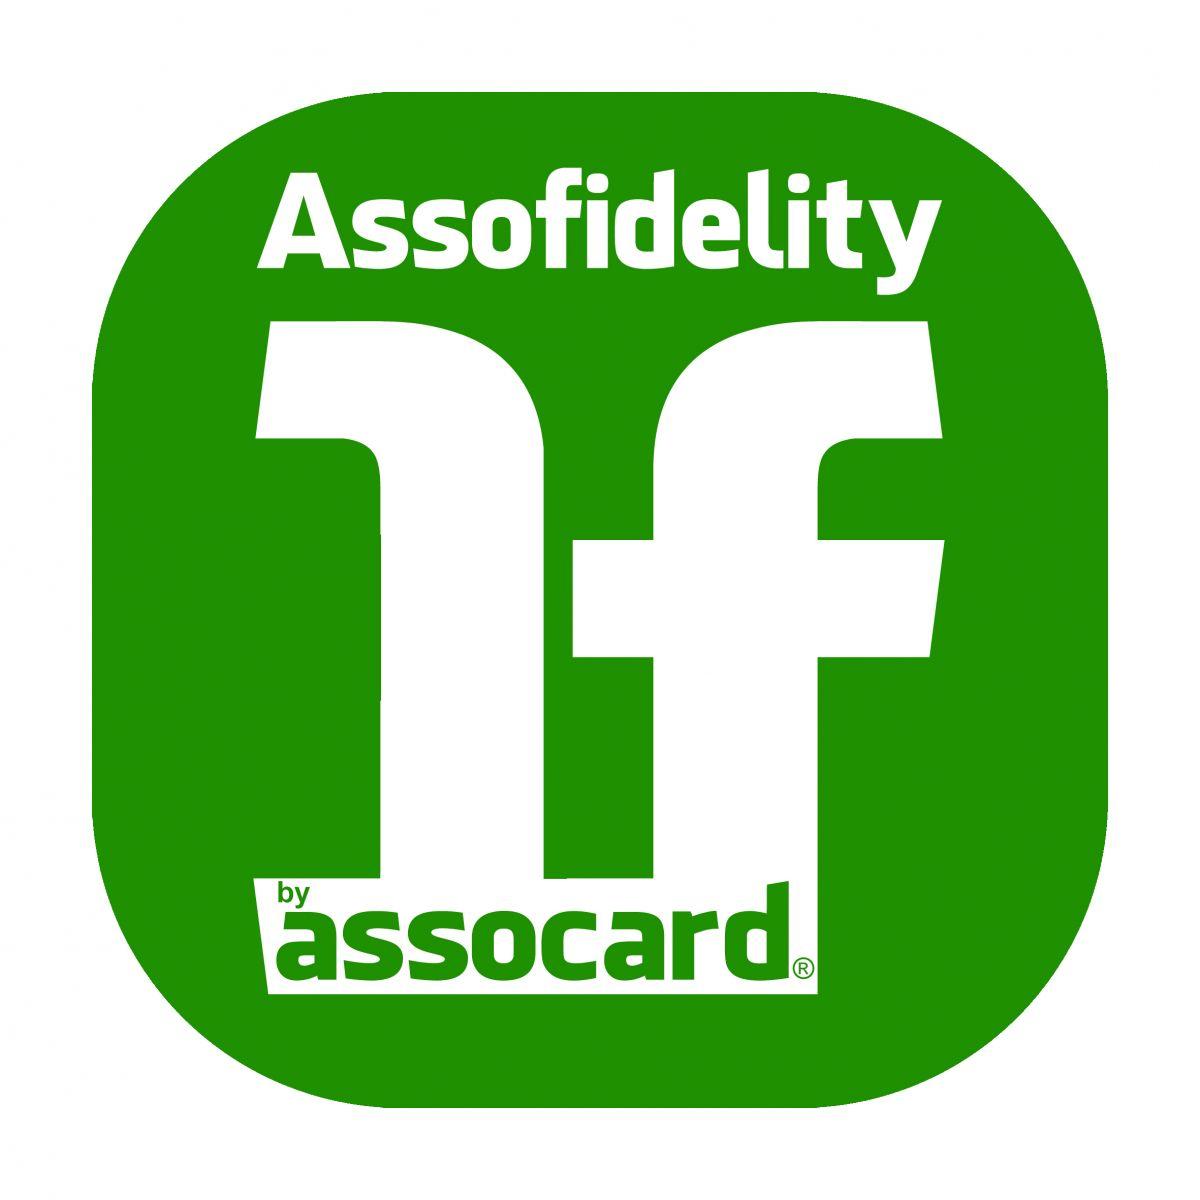 Assofidelity